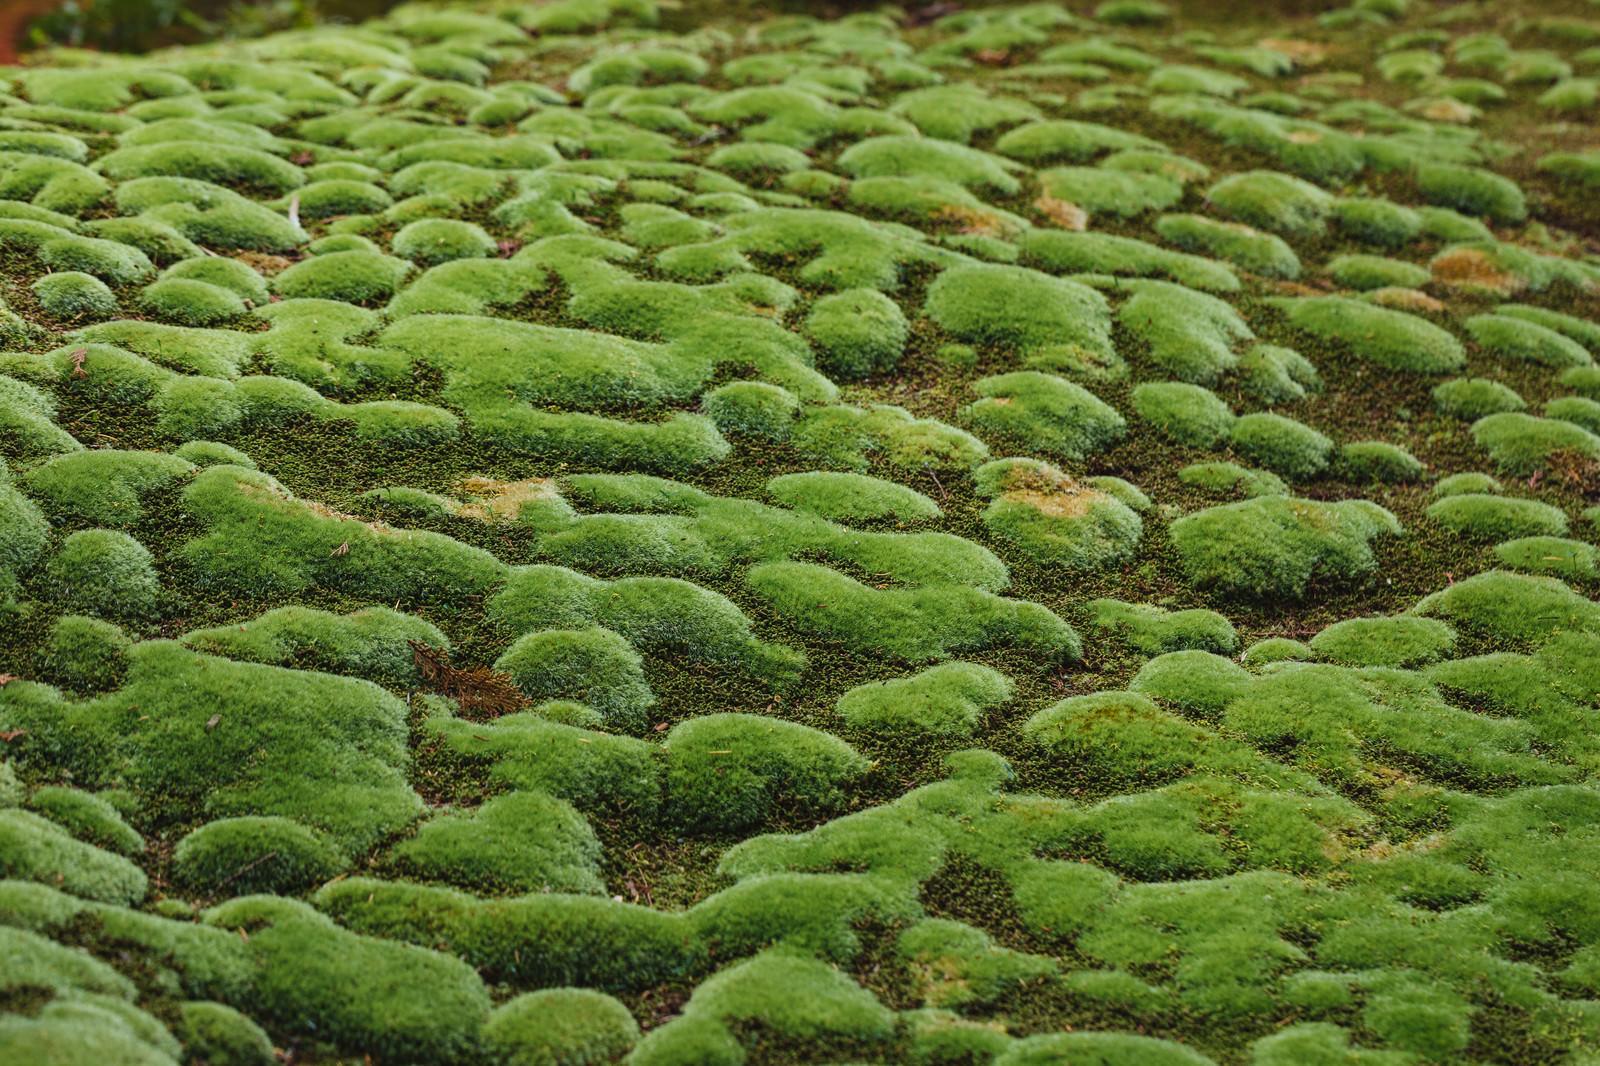 「まだら模様の苔もっこり」の写真